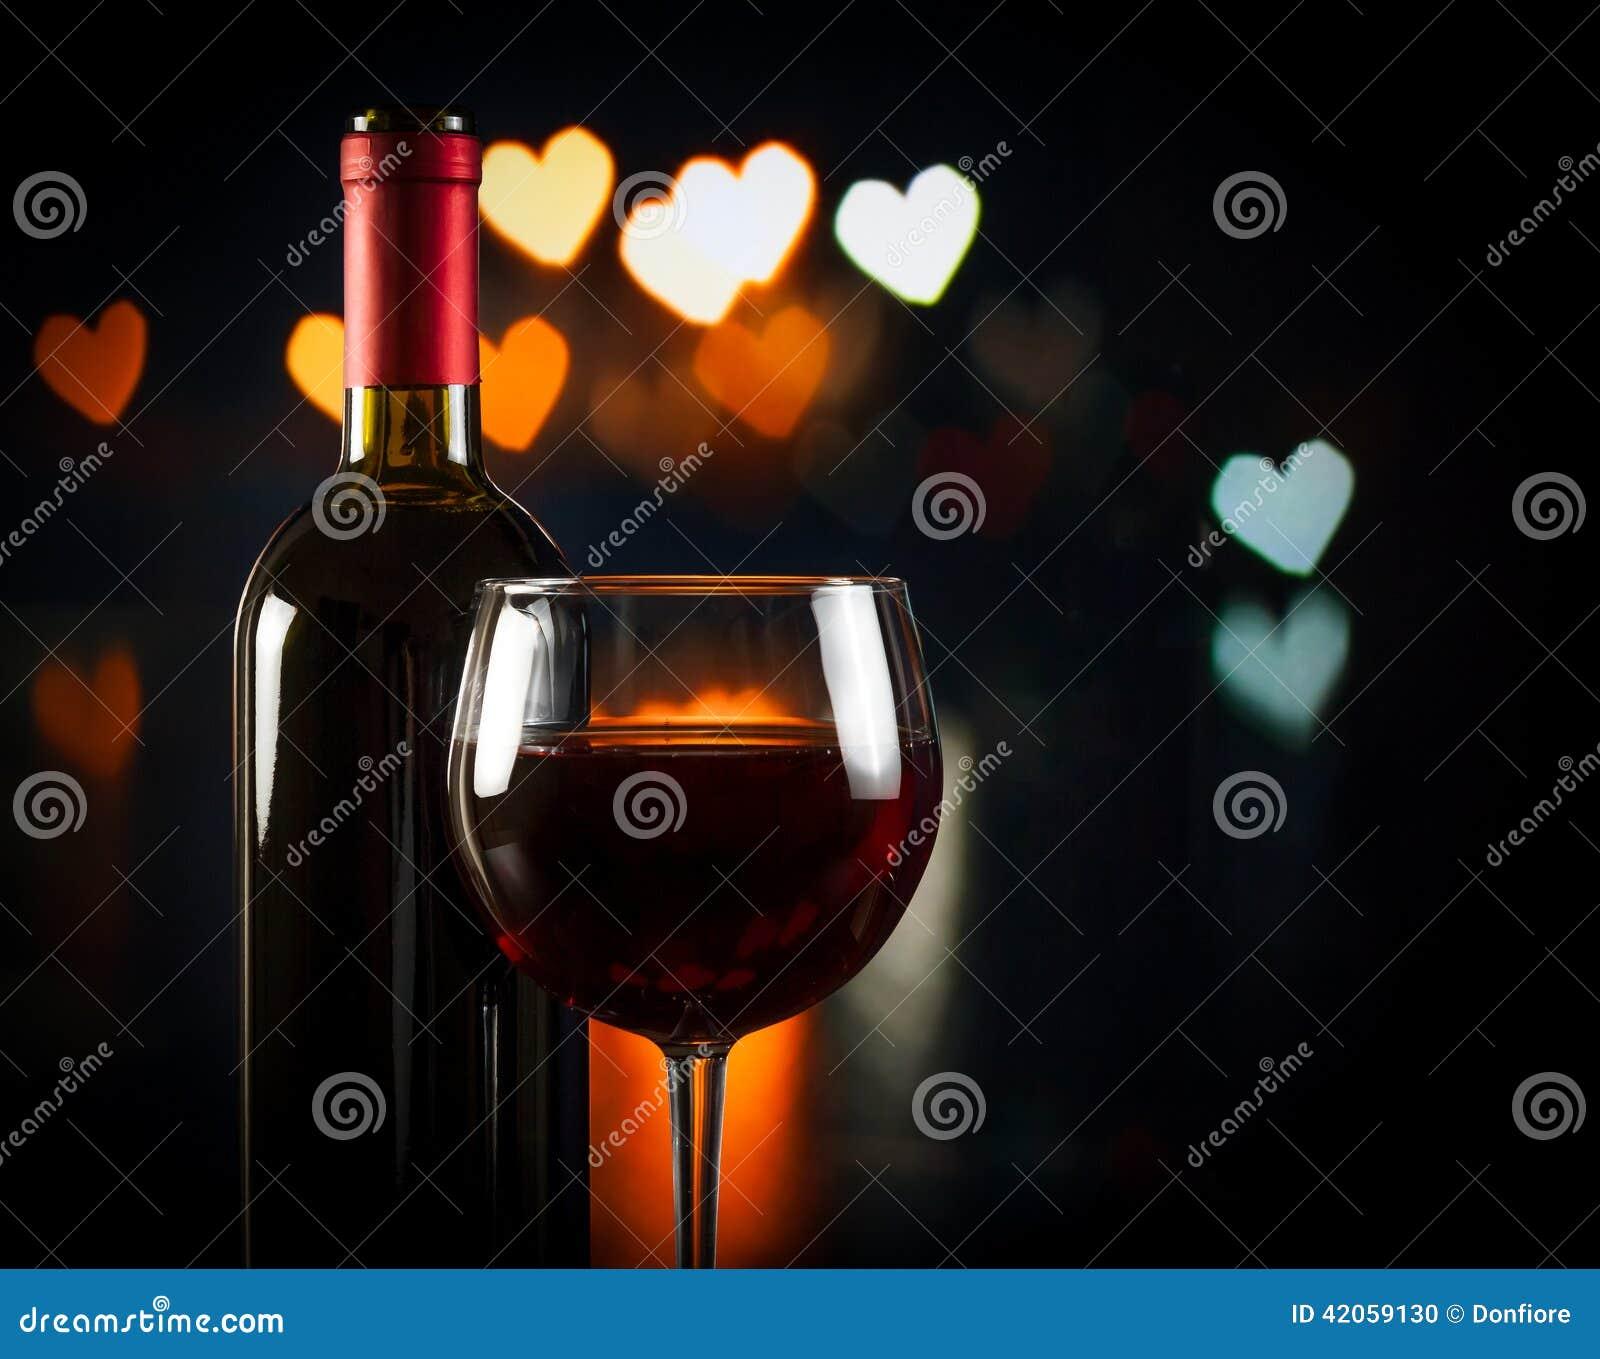 Copa de vino cerca de la botella, concepto del día de tarjeta del día de San Valentín